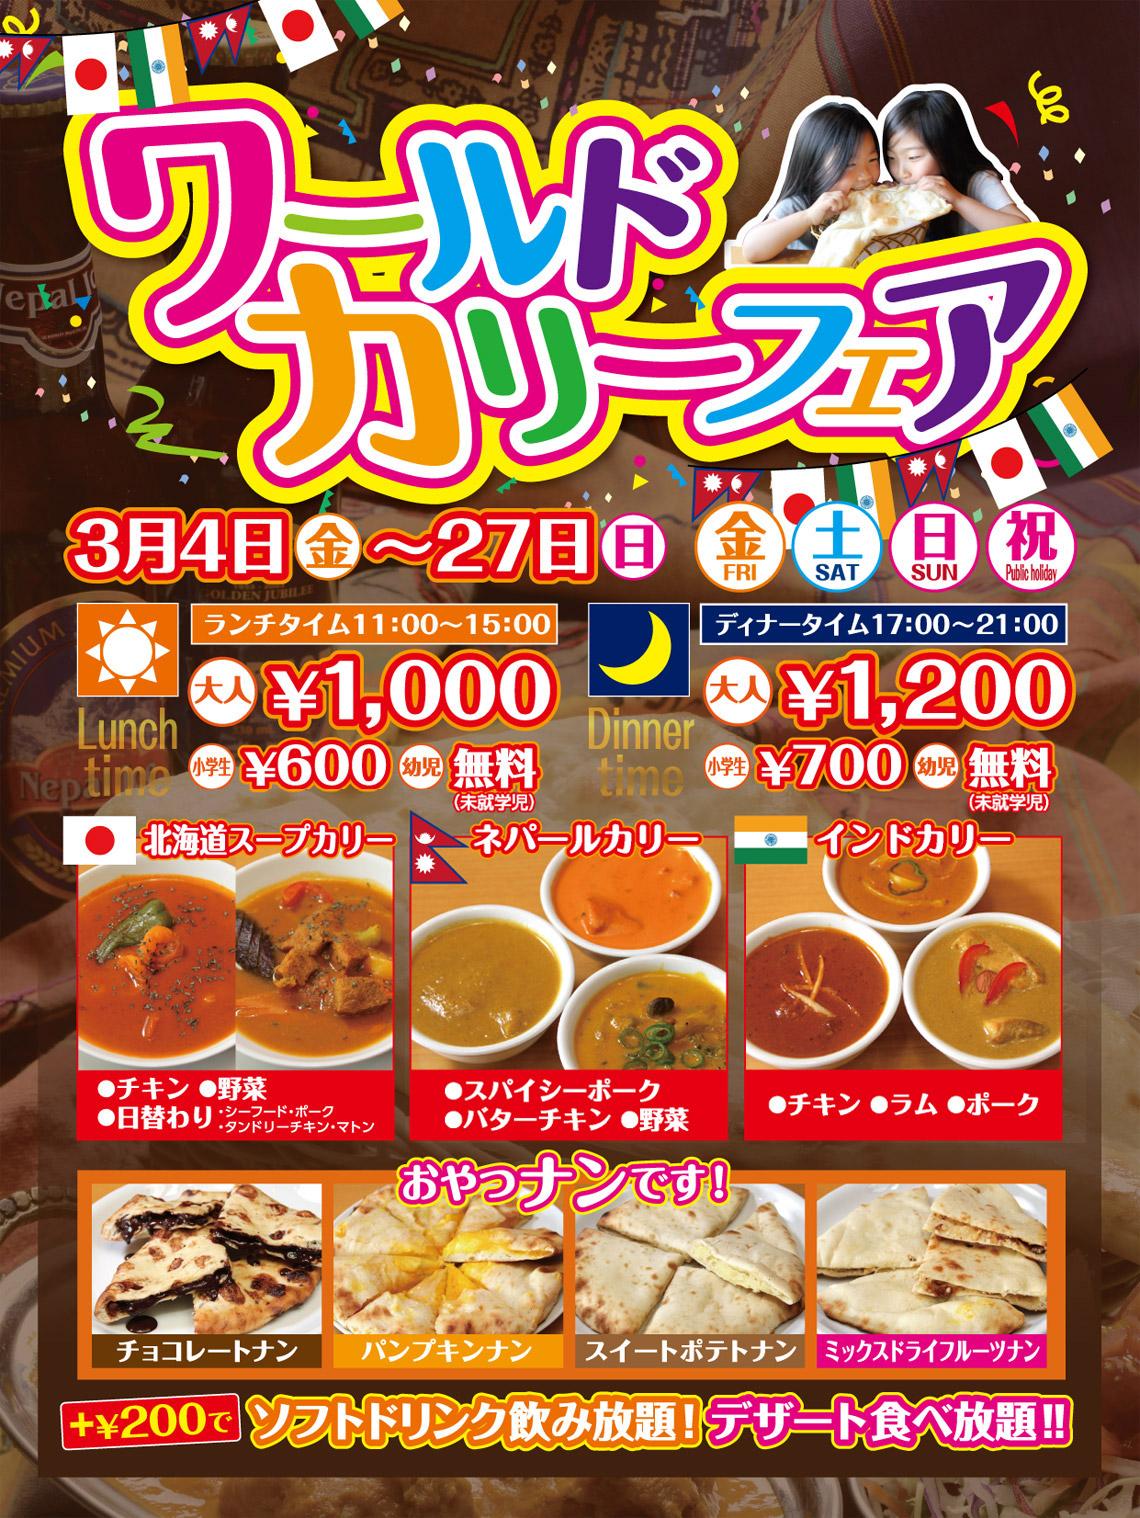 ワールドカリーフェア 3月4日(金)〜3月27日(日)まで!